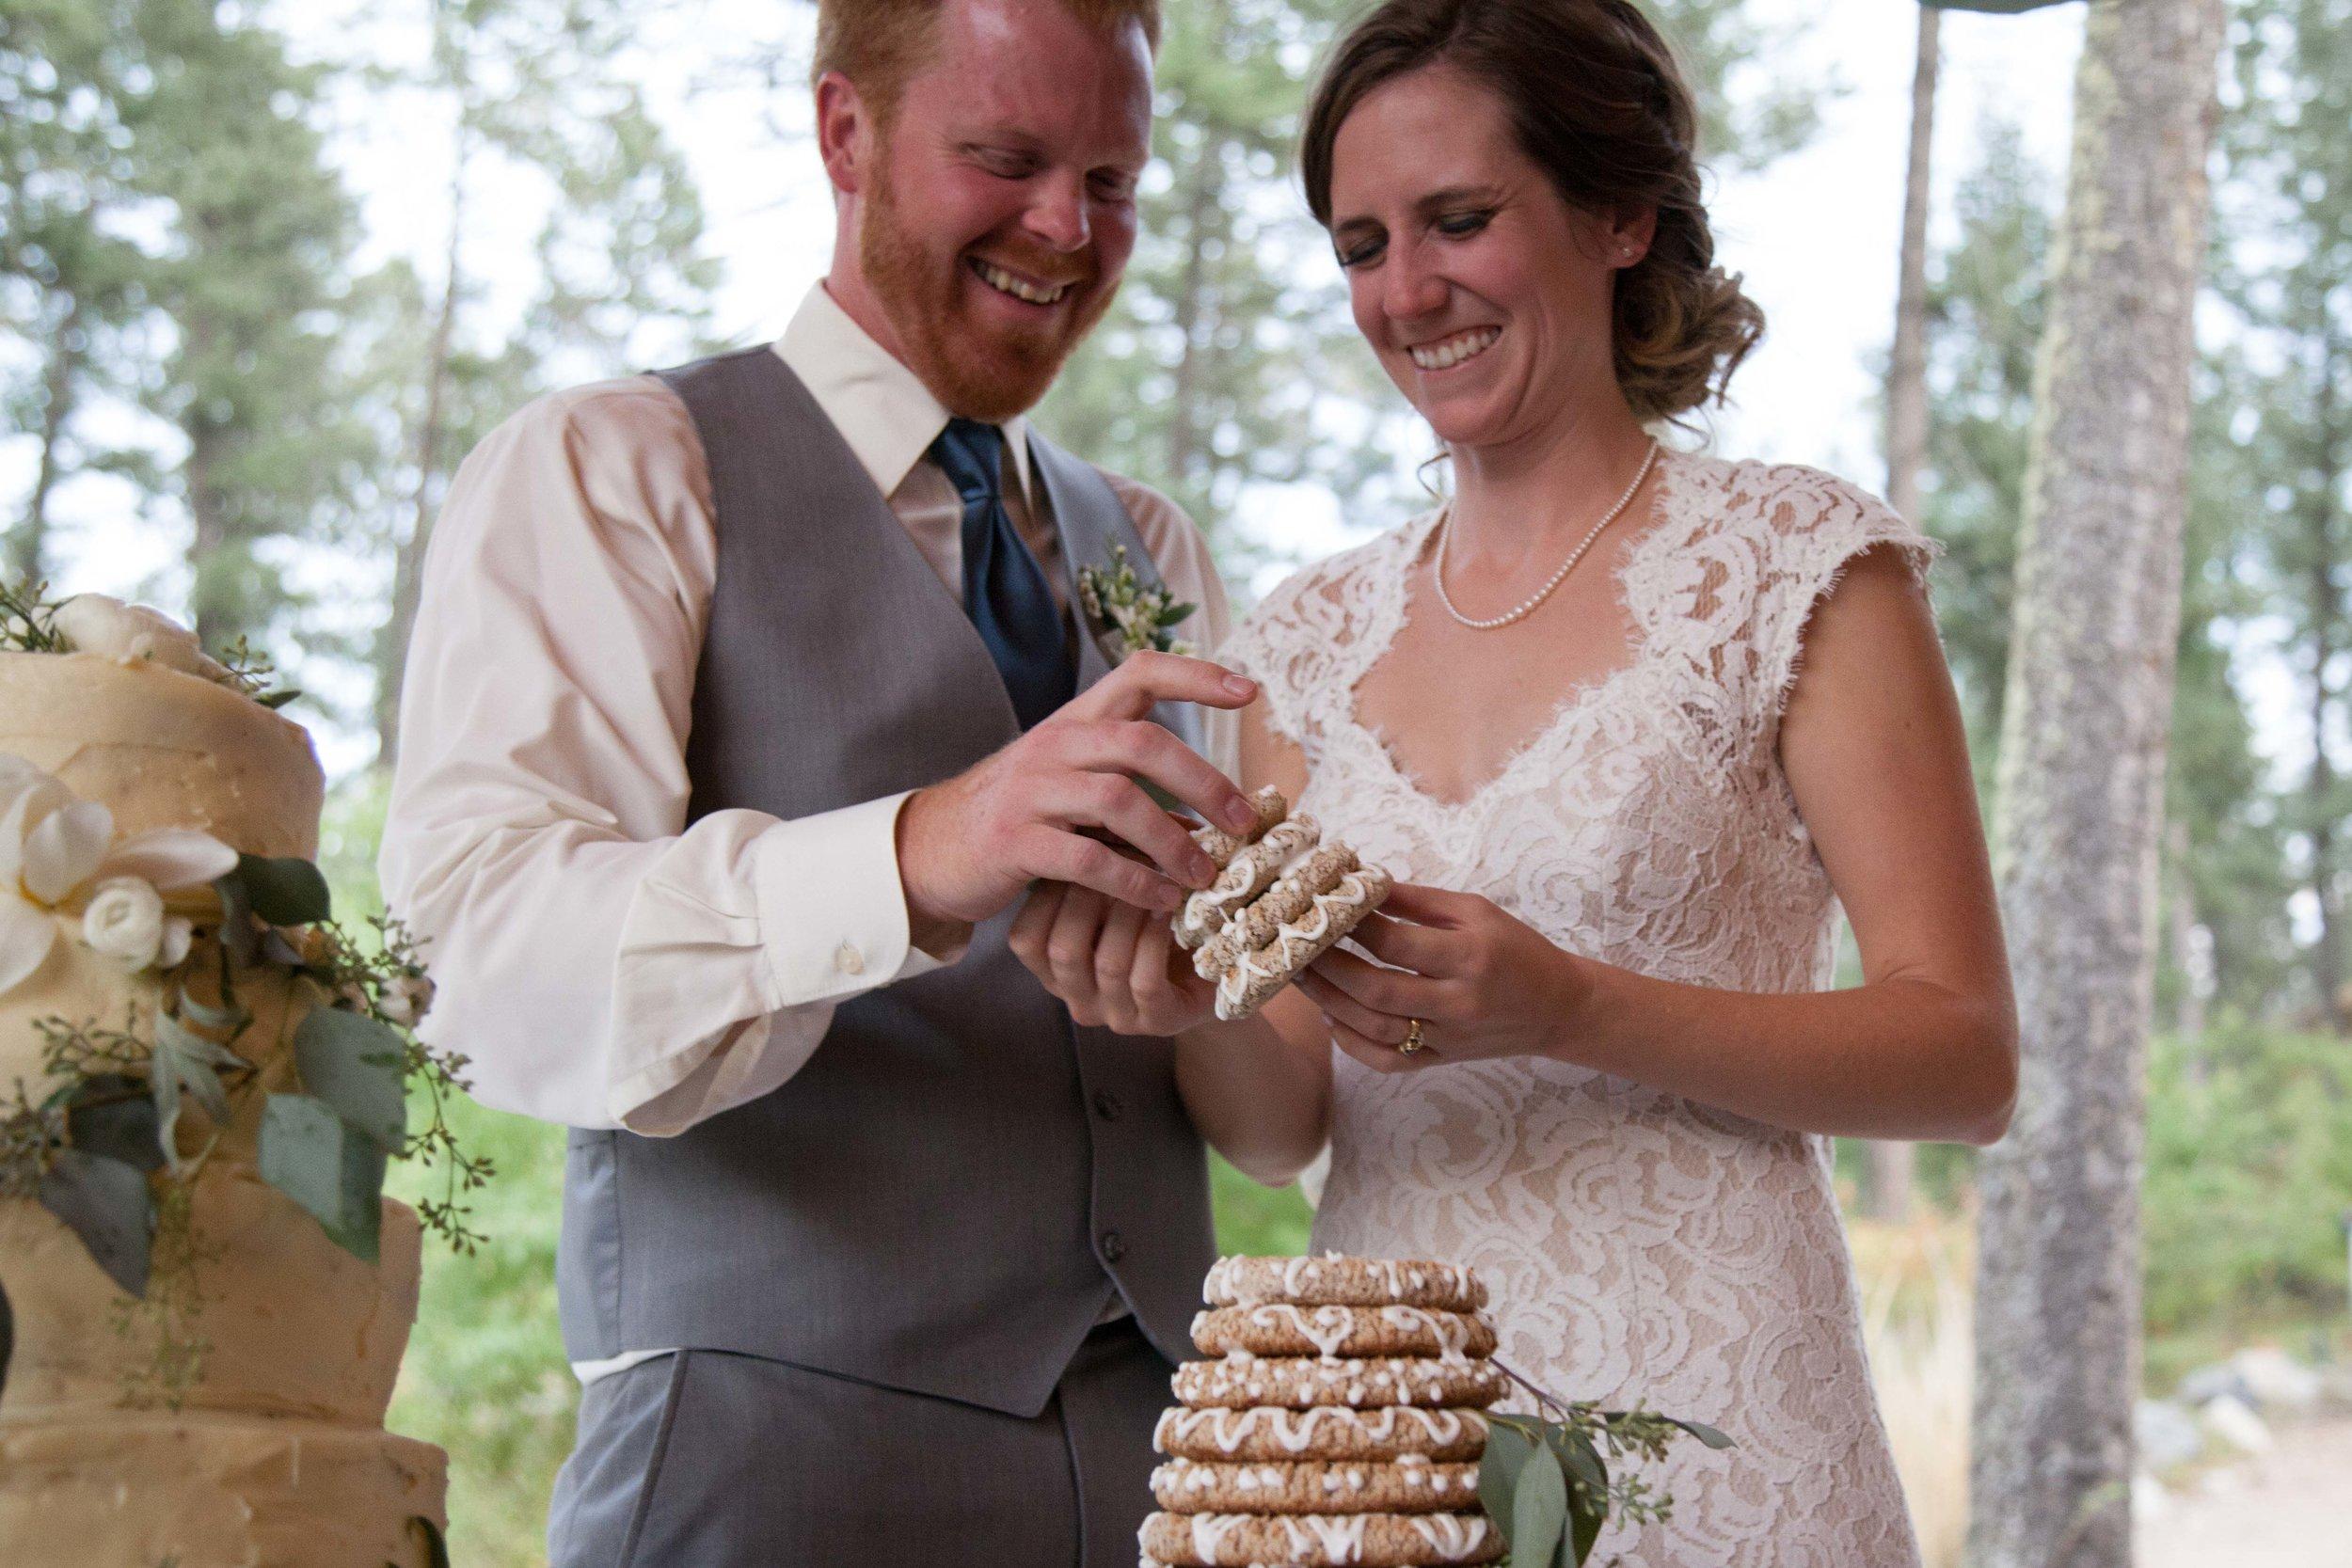 LukeandEmily_wedding (391 of 505).jpg